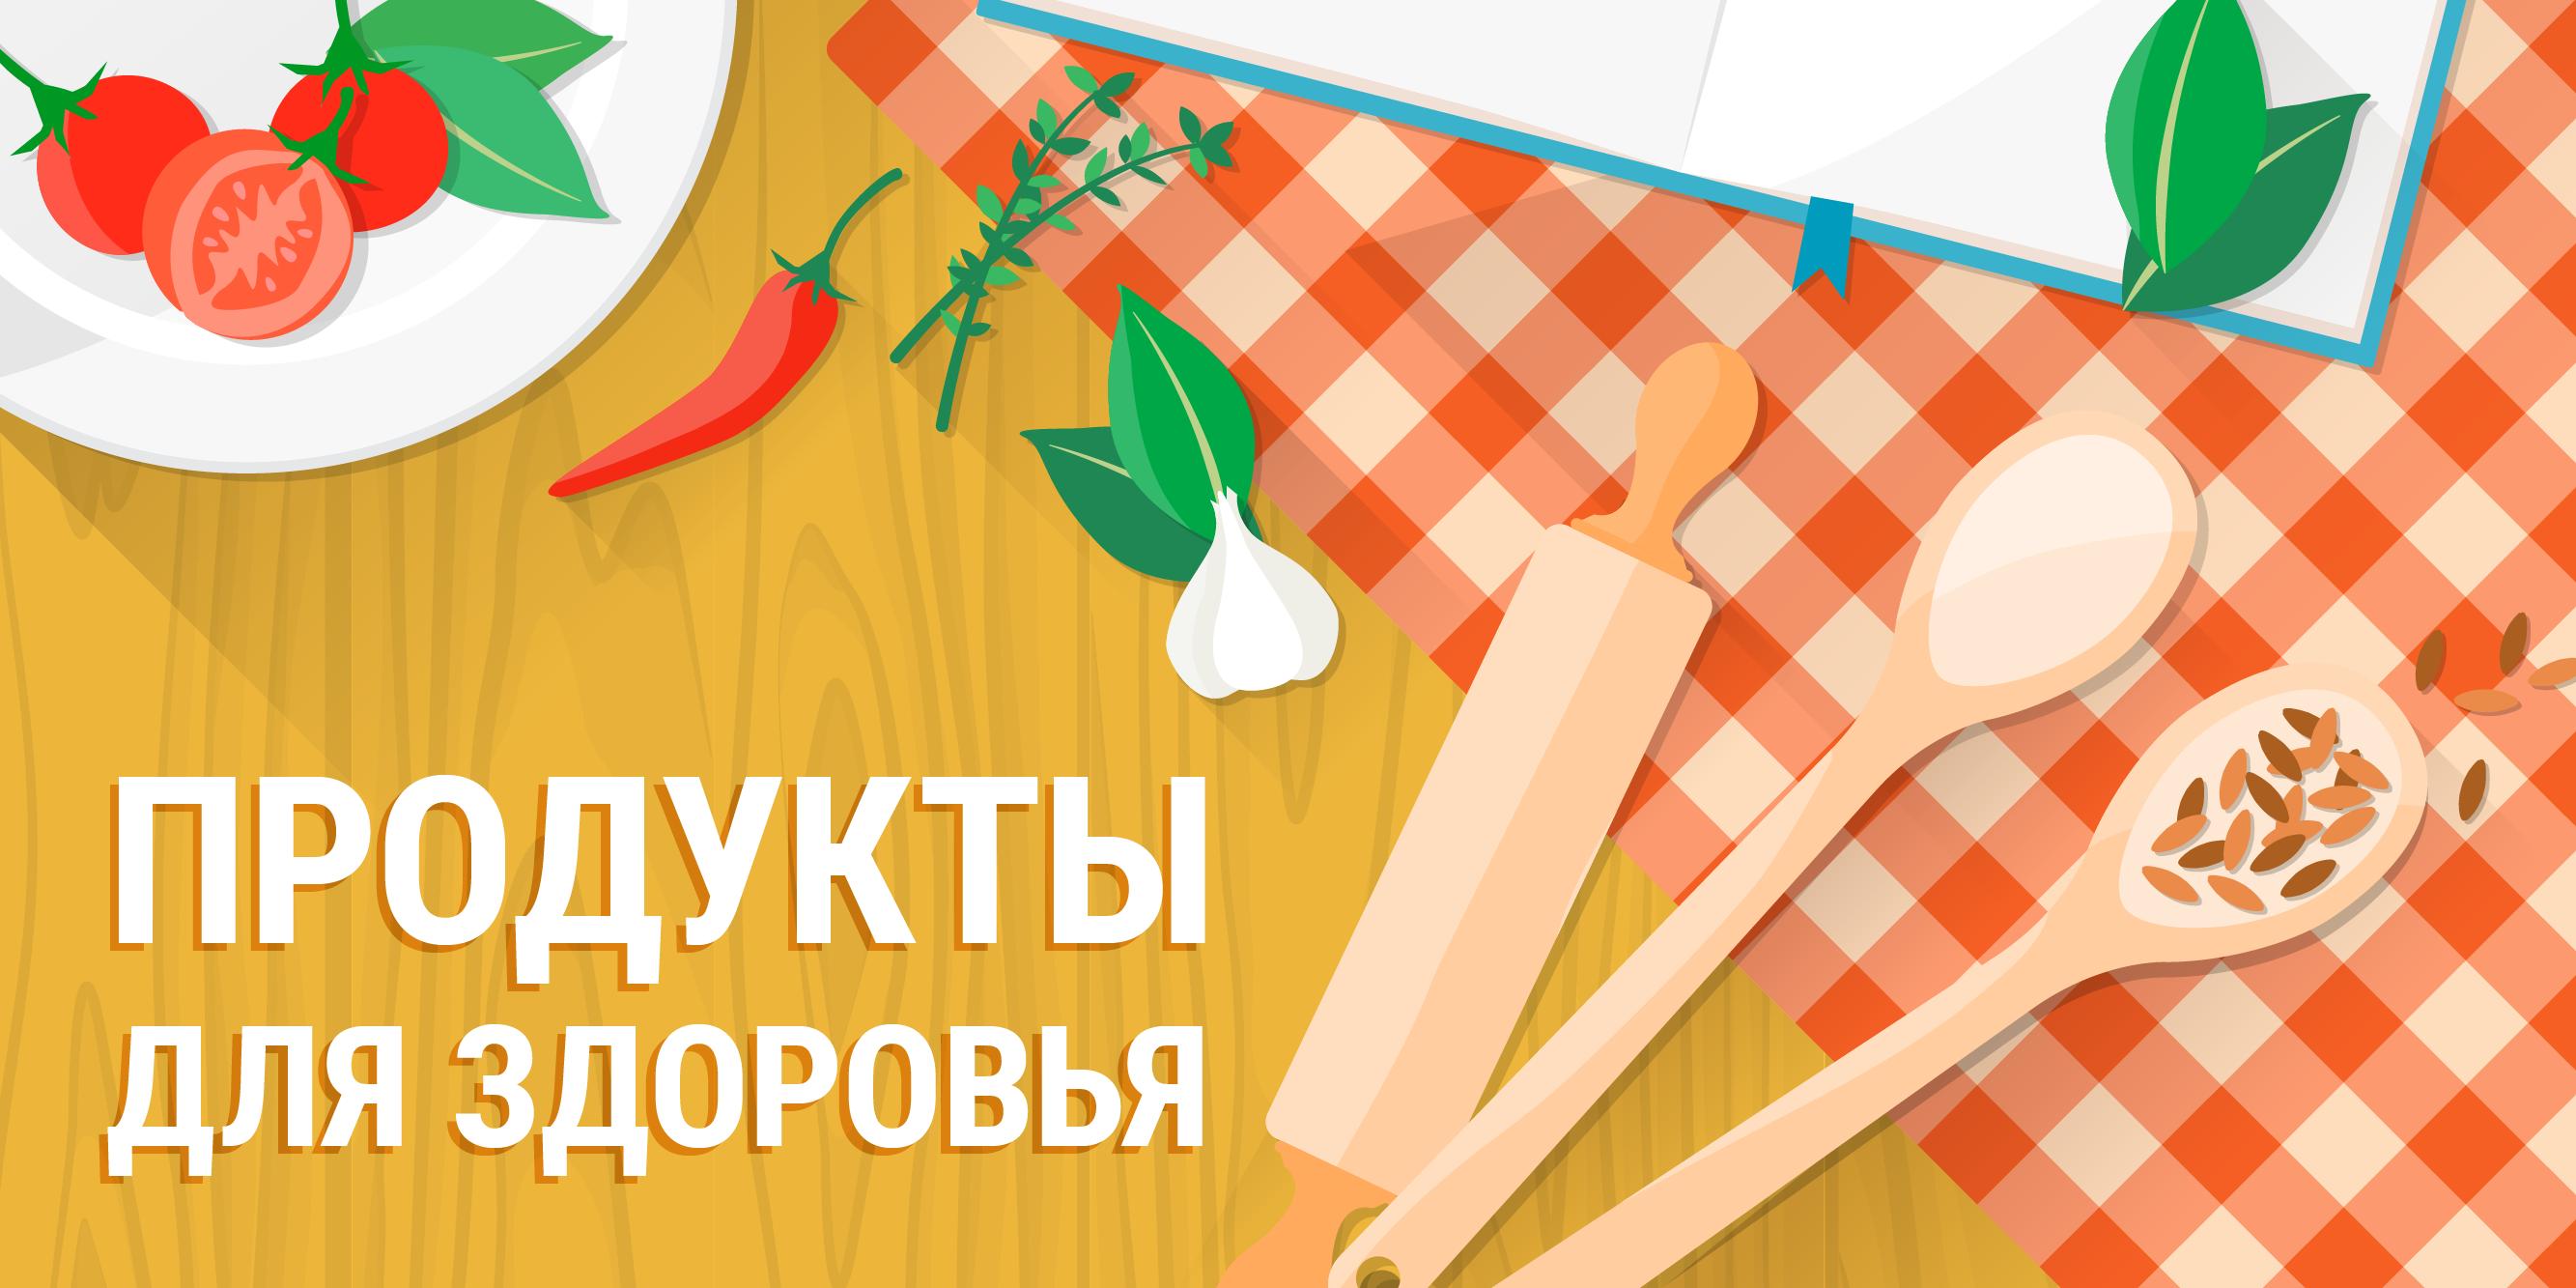 Пища как средство борьбы с инфекцией - http://lifehacker.ru/2015/08/10/pishha-protiv-infekcii/